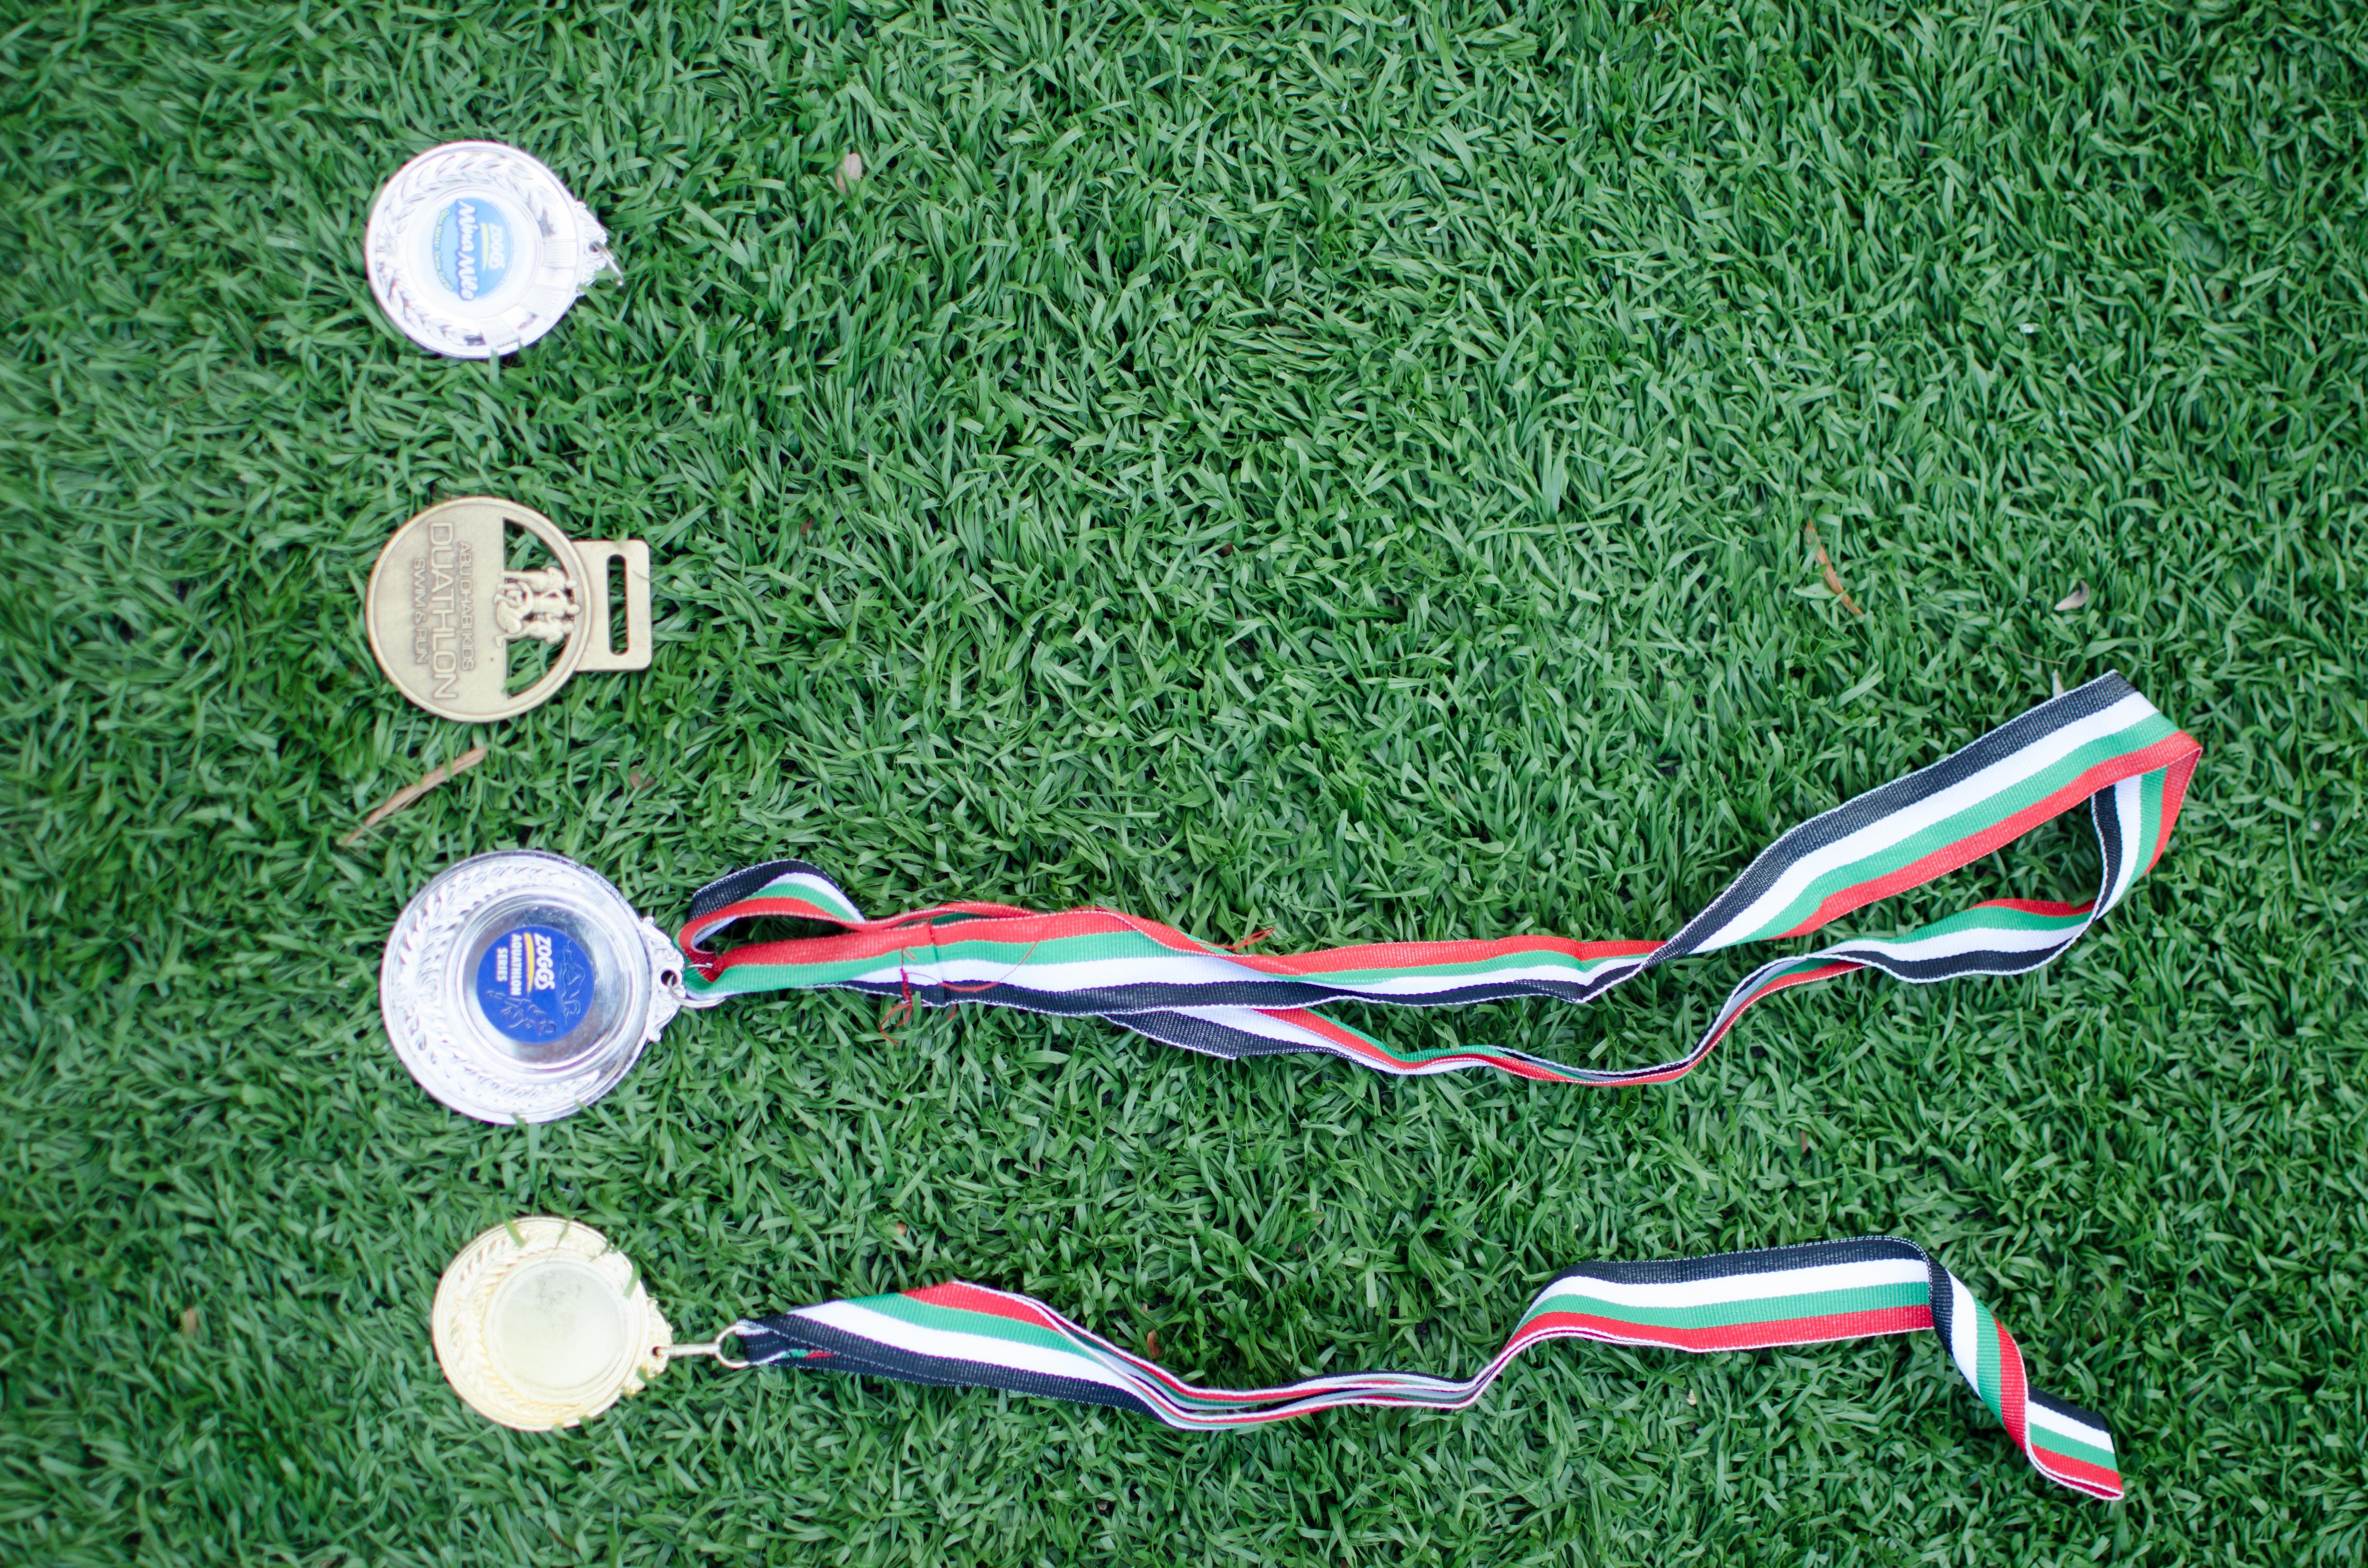 finshers medals 1 race merchandise